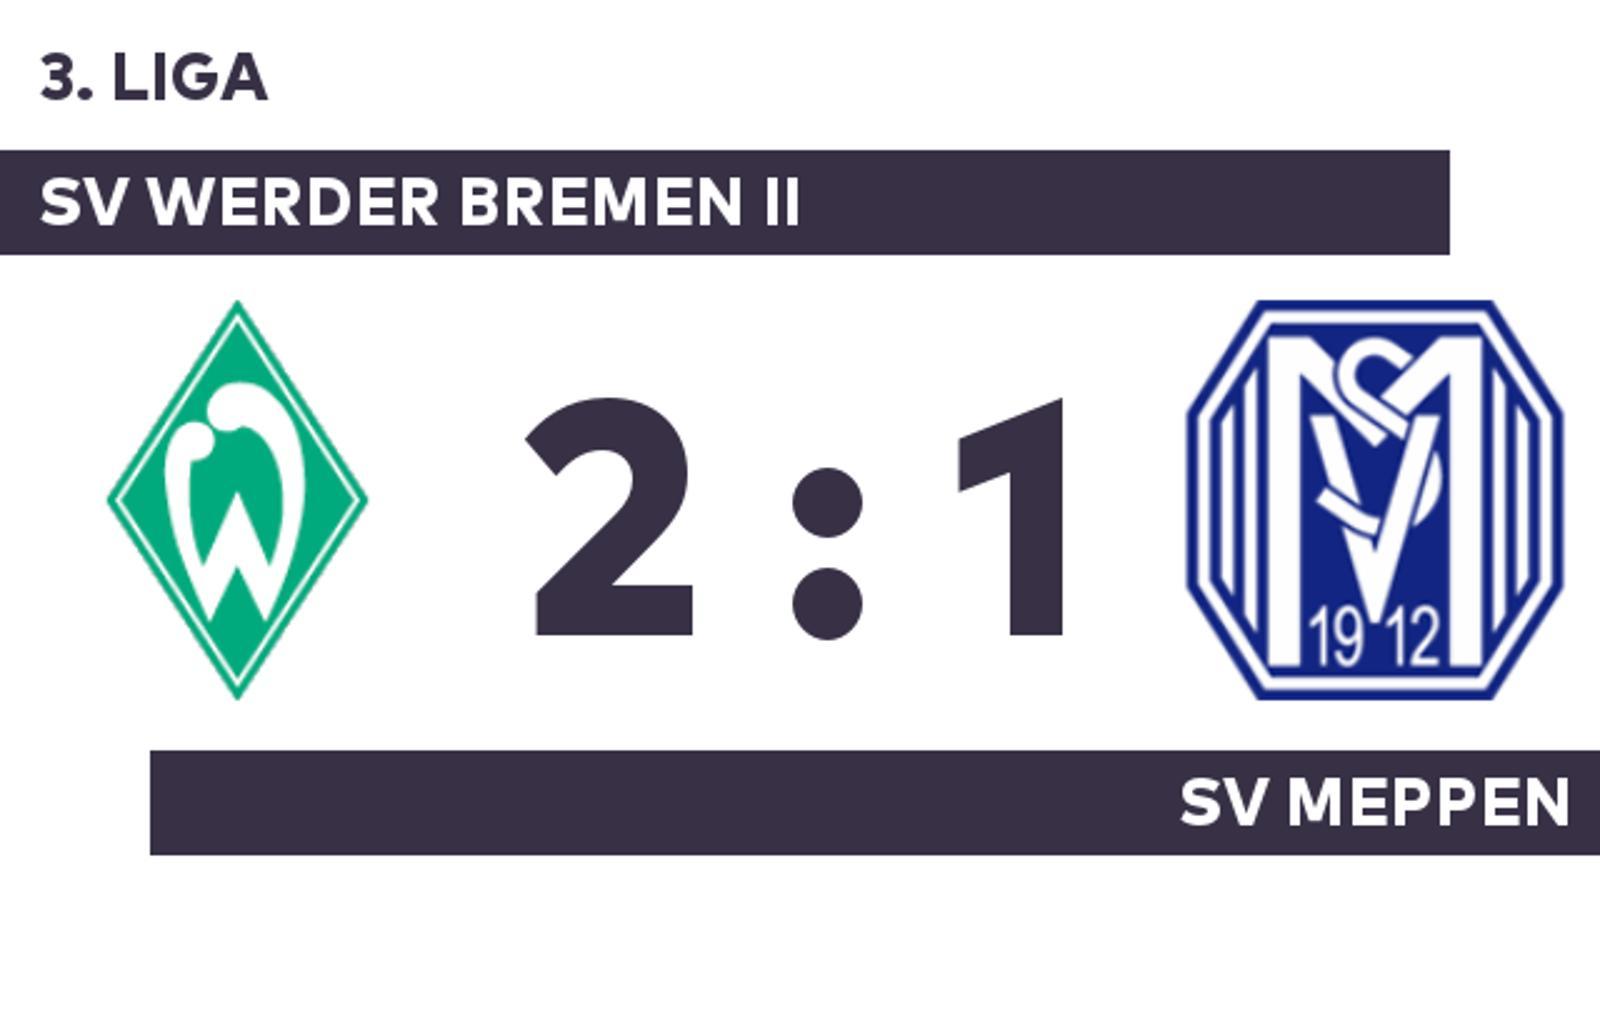 SV Meppen - Herren - 3. Liga - FussiFreunde Hamburg